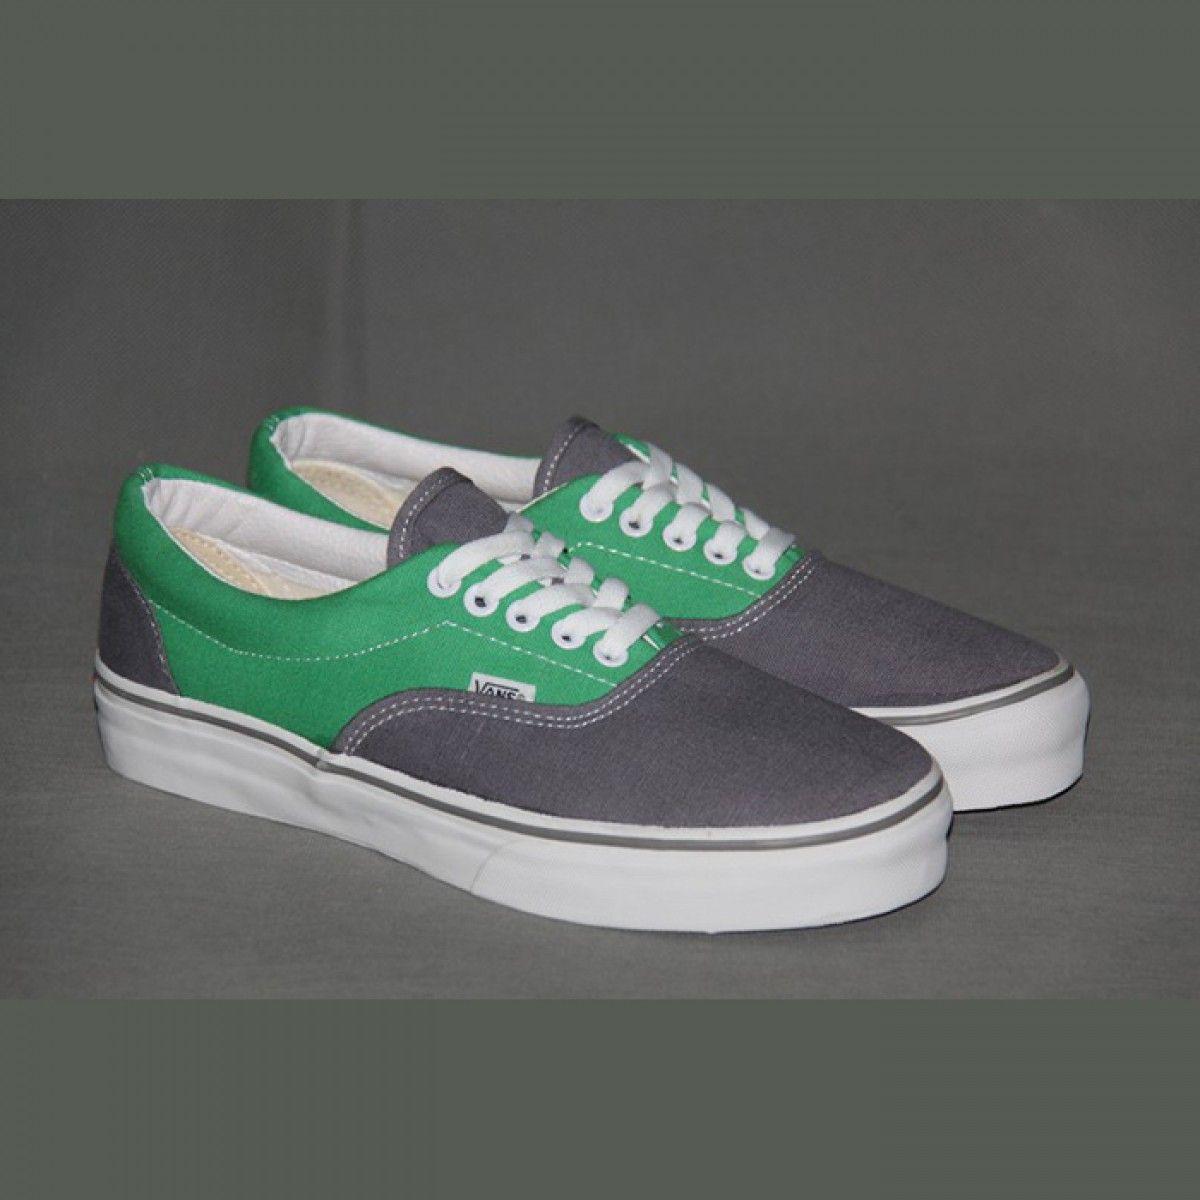 green vans era shoes